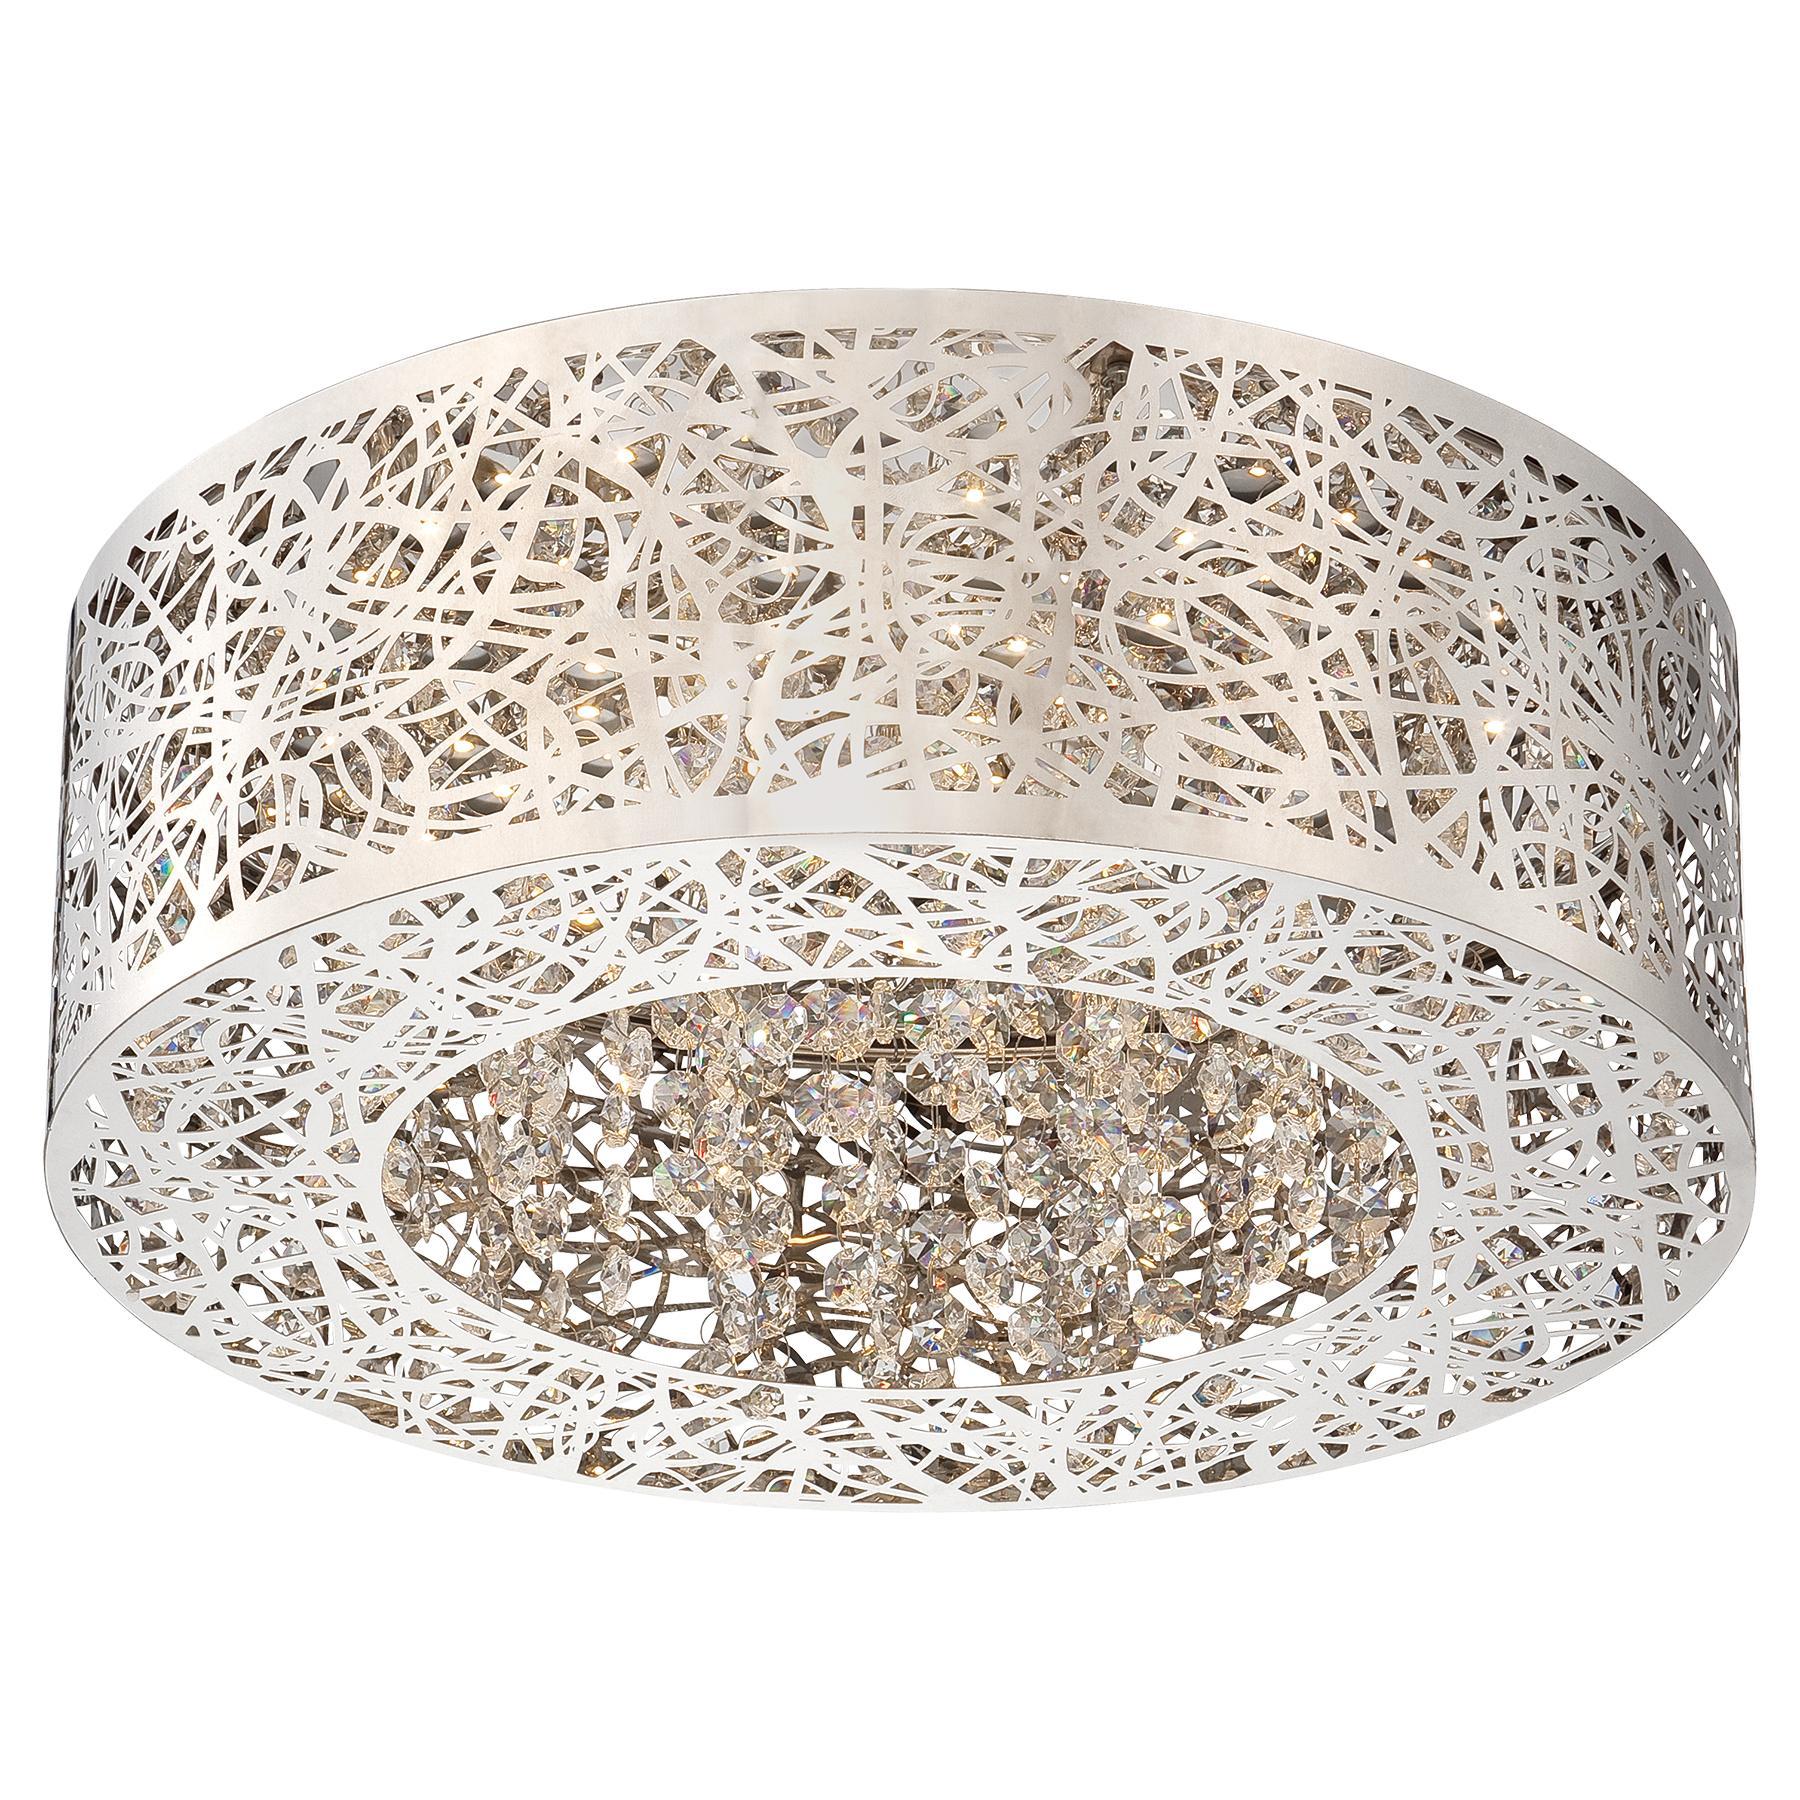 Hidden Gems LED Round Chandelier by George Kovacs – George Kovacs Chandelier